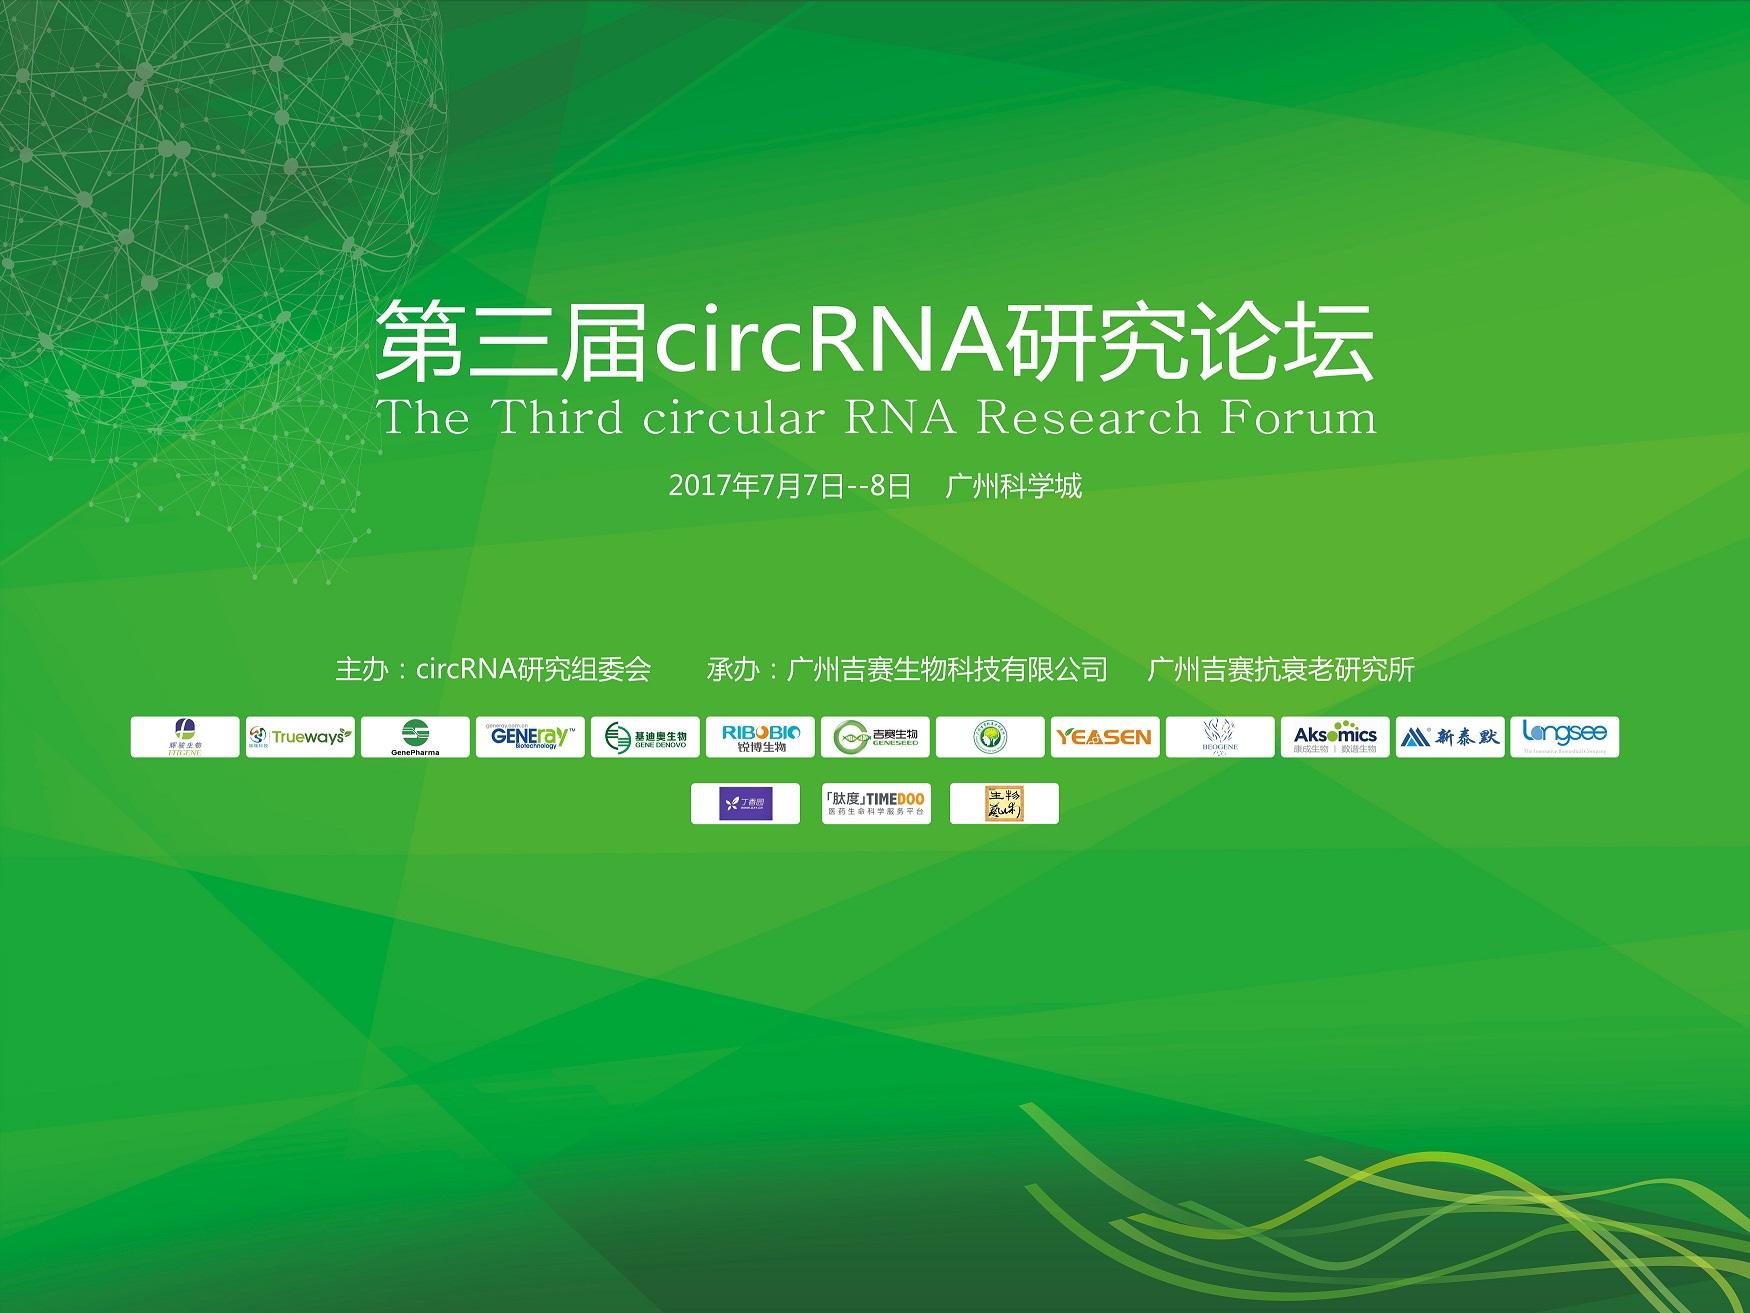 第三届circRNA研究论坛圆满闭幕